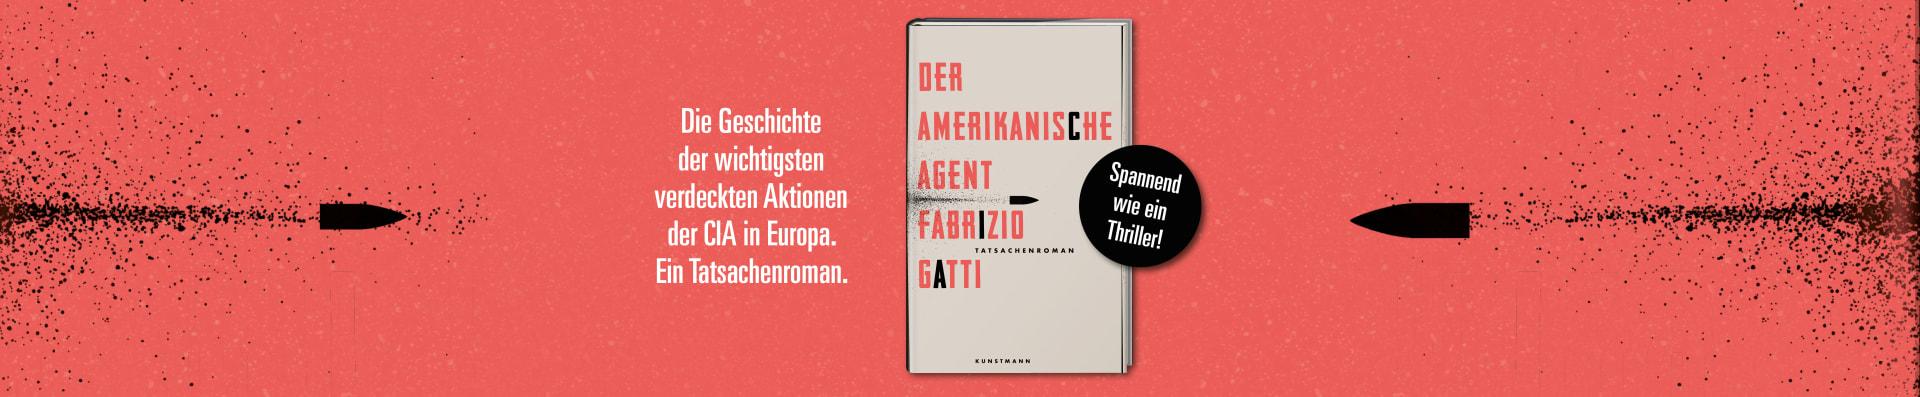 Fabrizio Gatti – Der amerikanische Agent